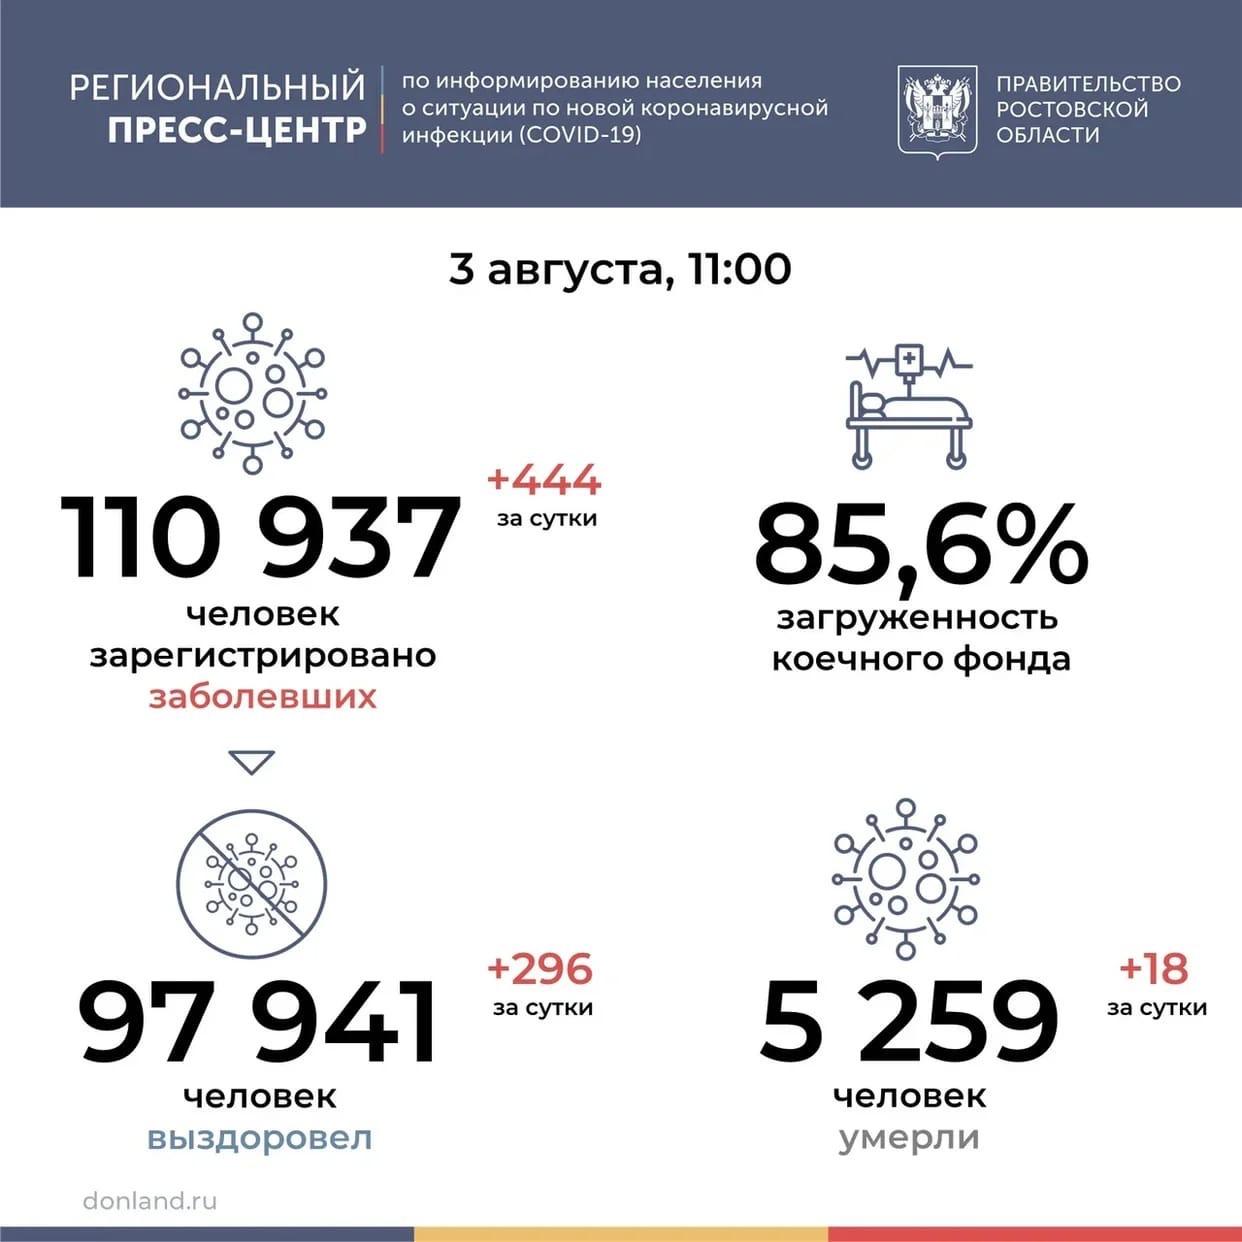 На Дону от COVID-19 за сутки умерли 18 человек